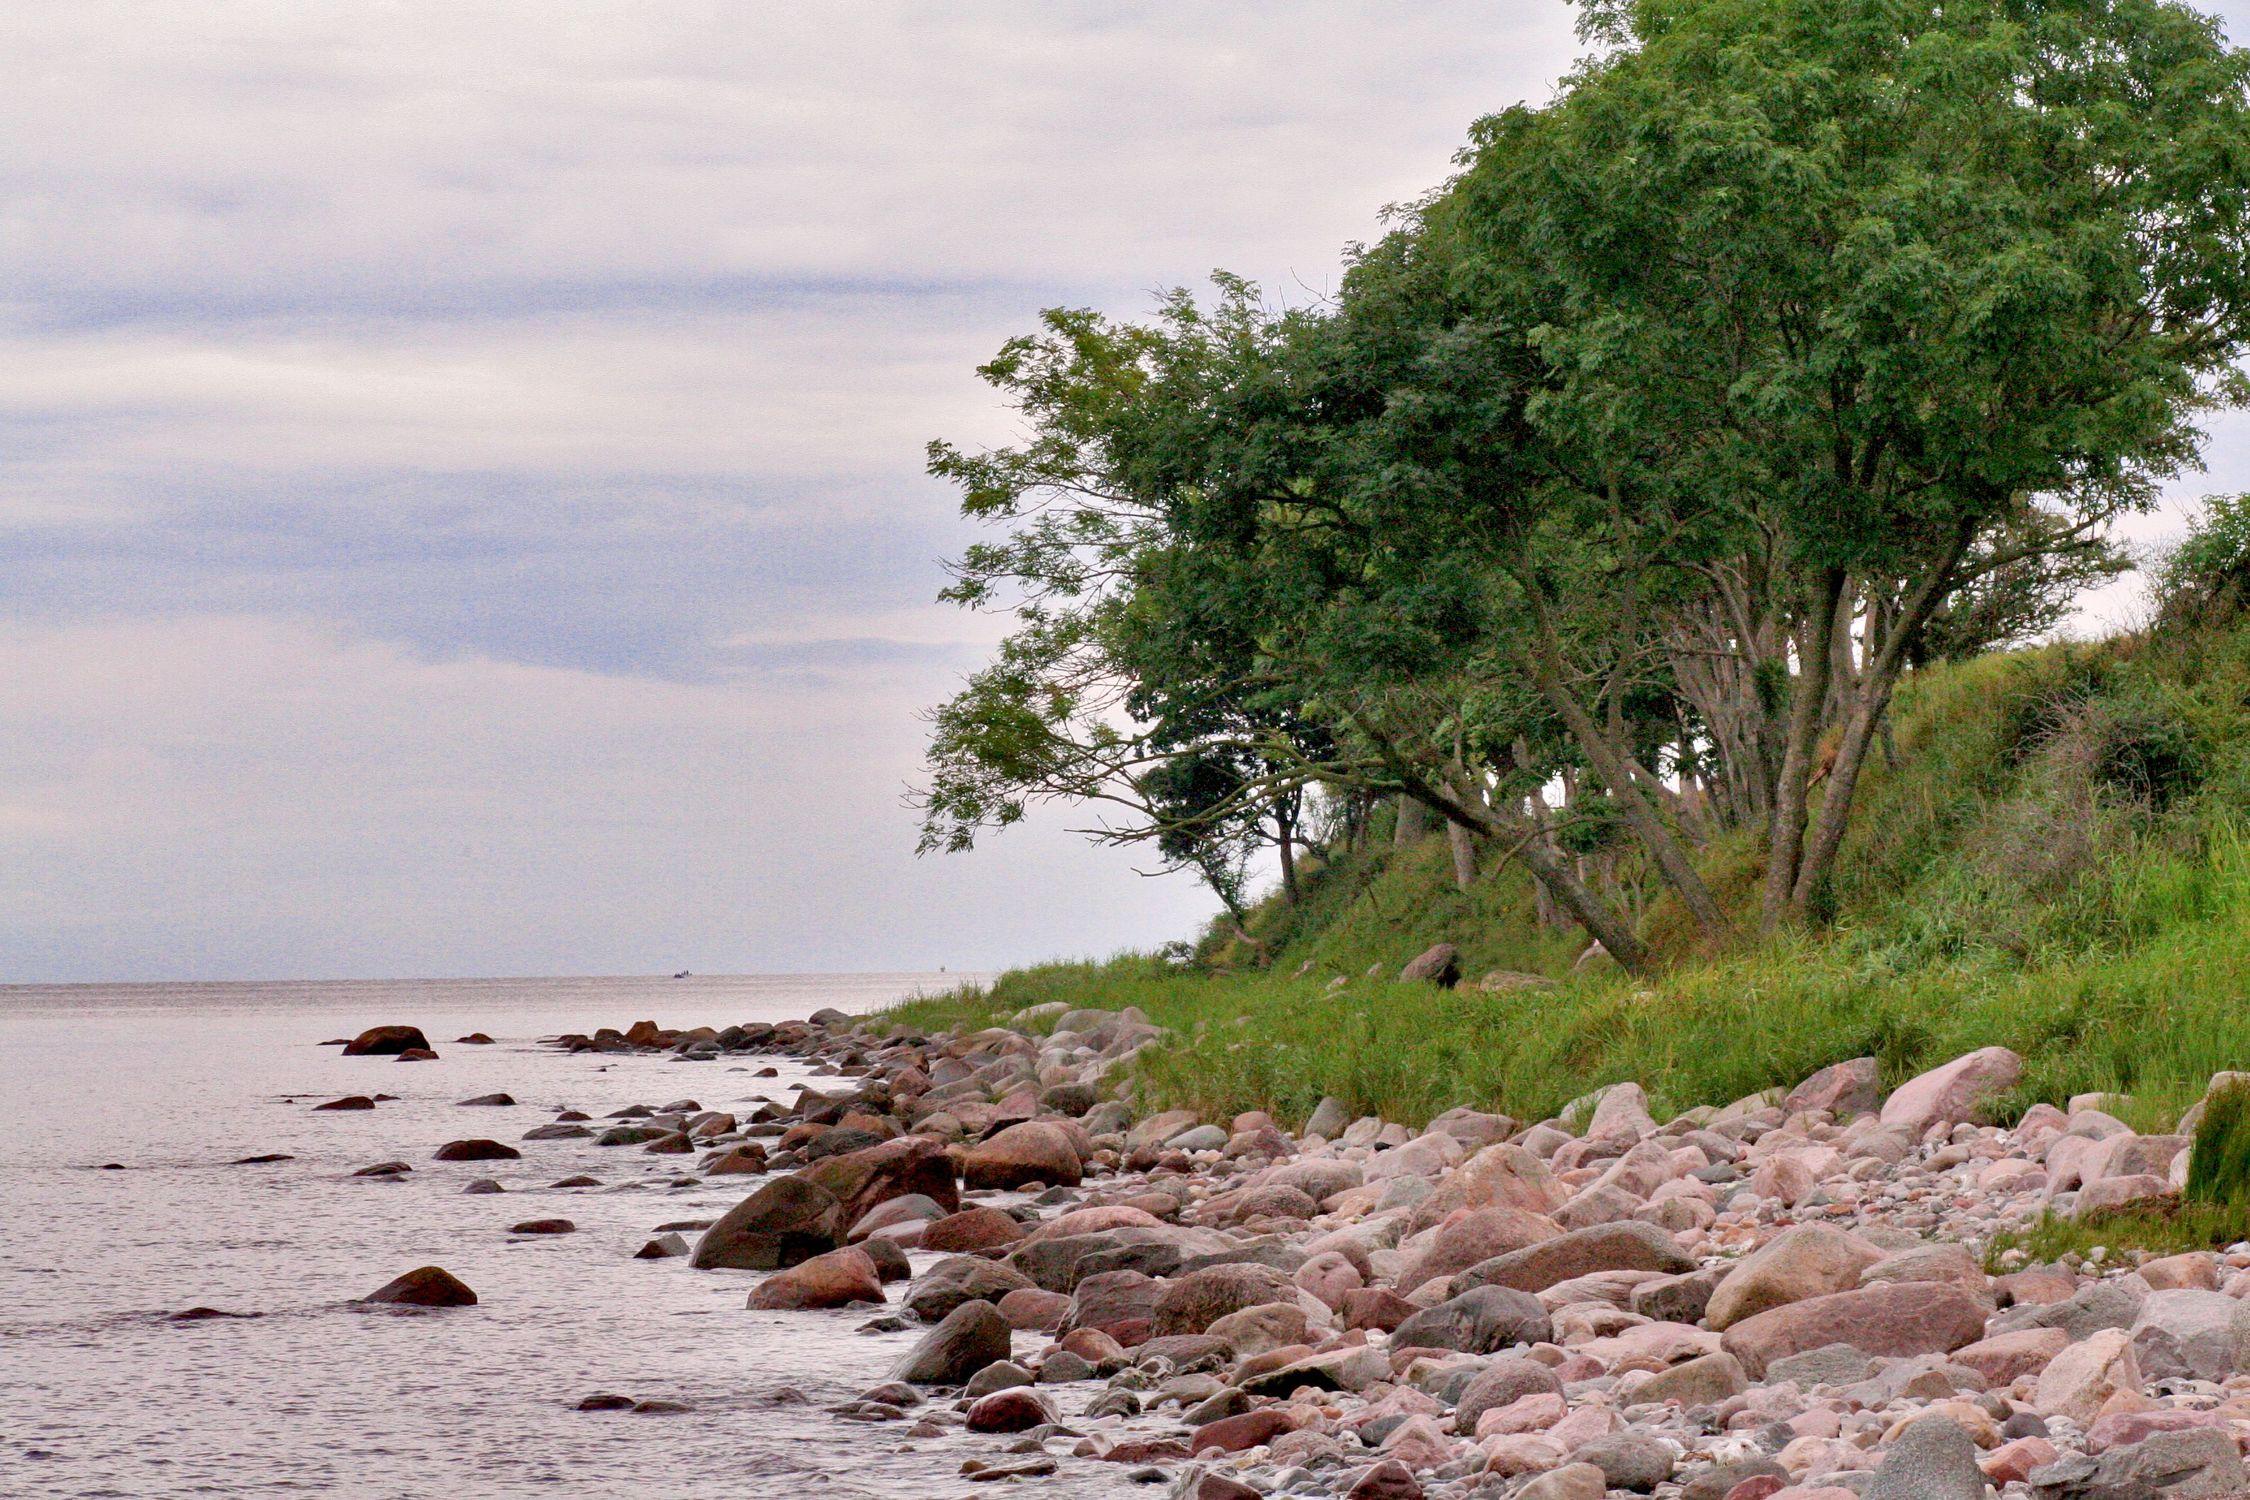 Bild mit Natur, Elemente, Wasser, Pflanzen, Gräser, Landschaften, Himmel, Bäume, Gewässer, Küsten und Ufer, Felsen, Meere, Strände, Buchten